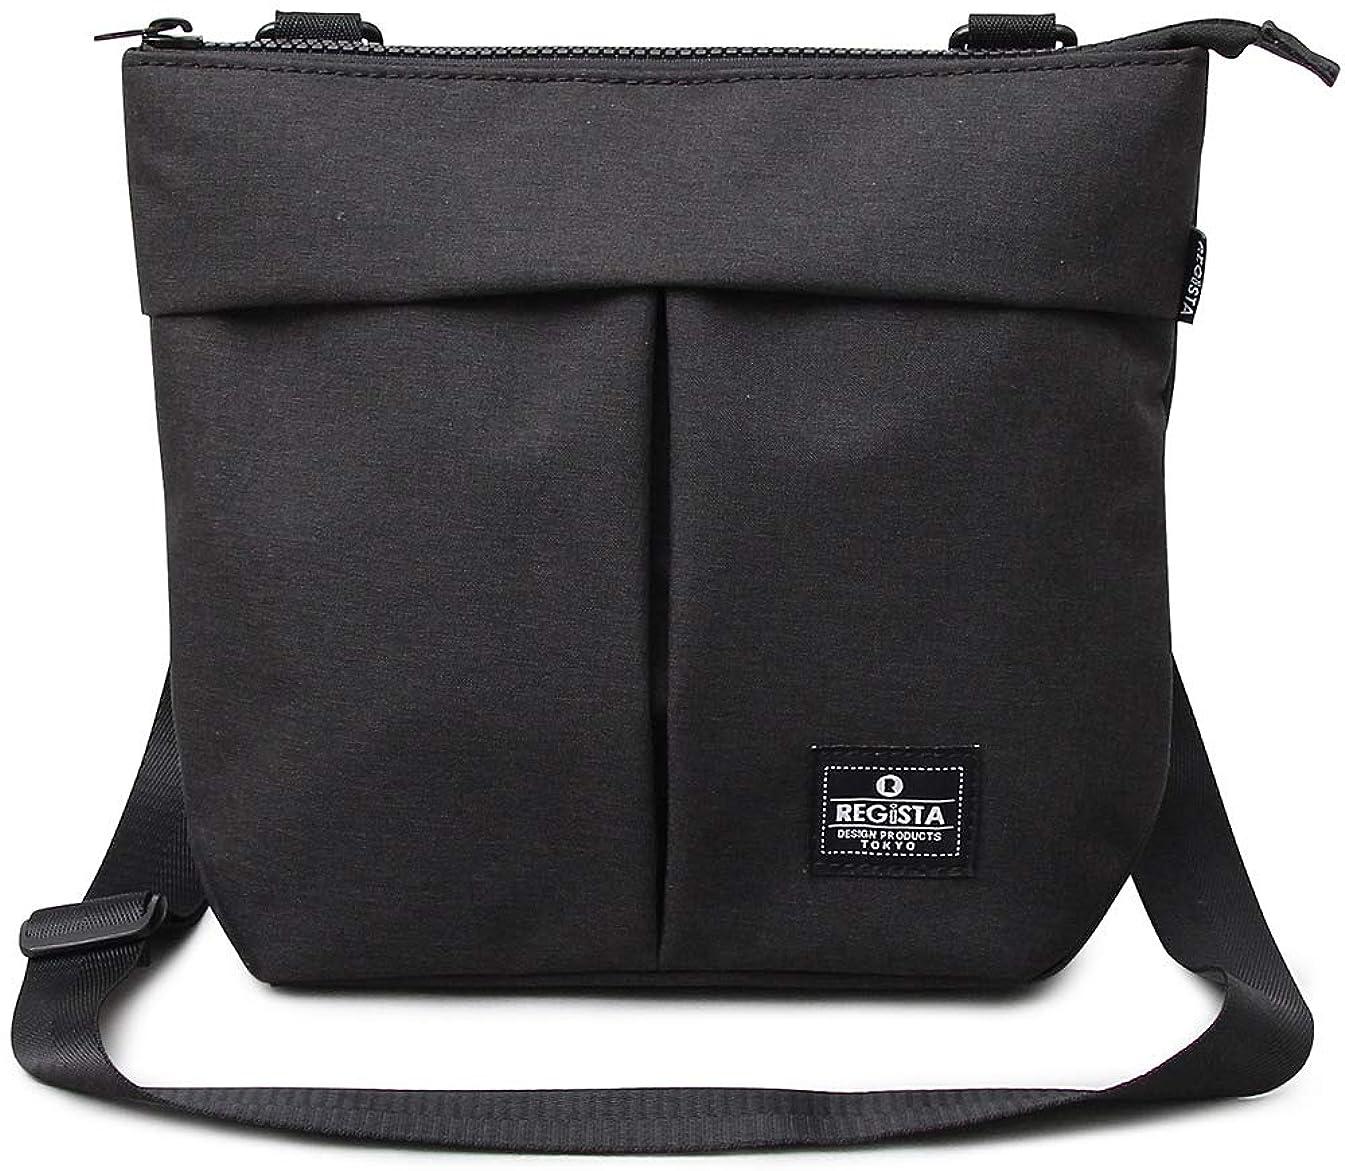 包帯初期の検証斜め掛けバッグ サコッシュ ショルダーバッグ 鞄